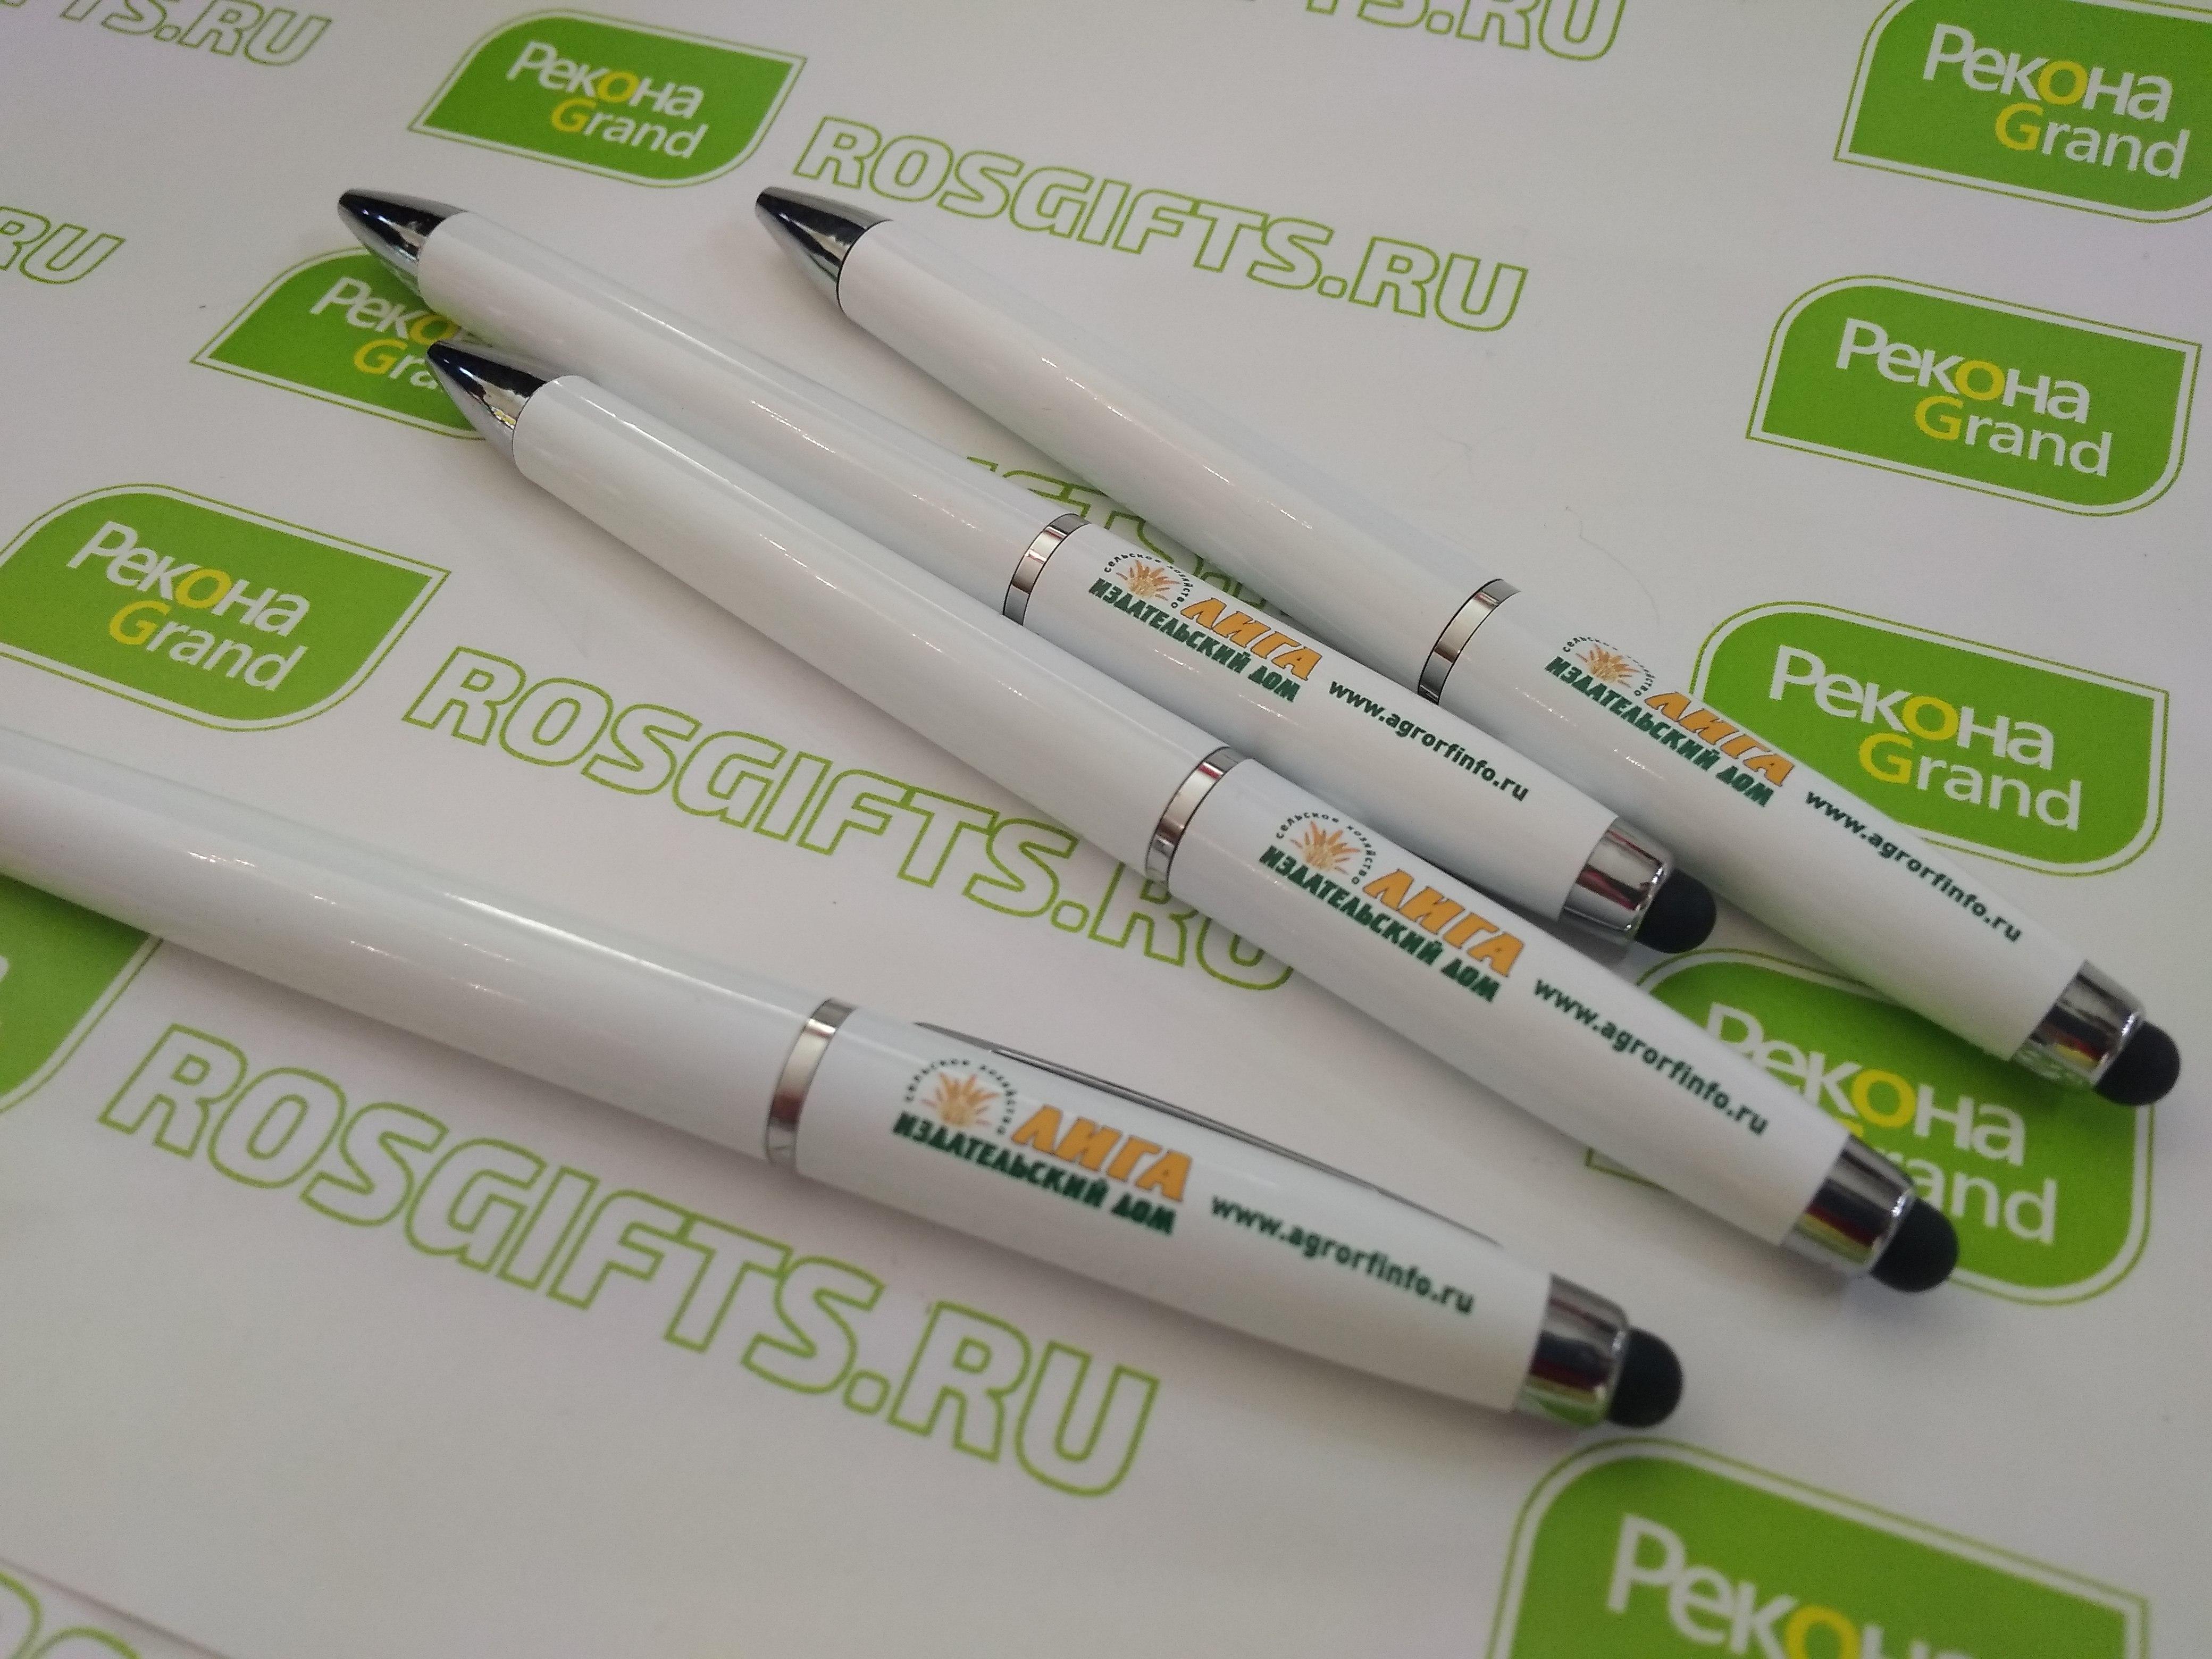 ручки со стилусом с логотипом